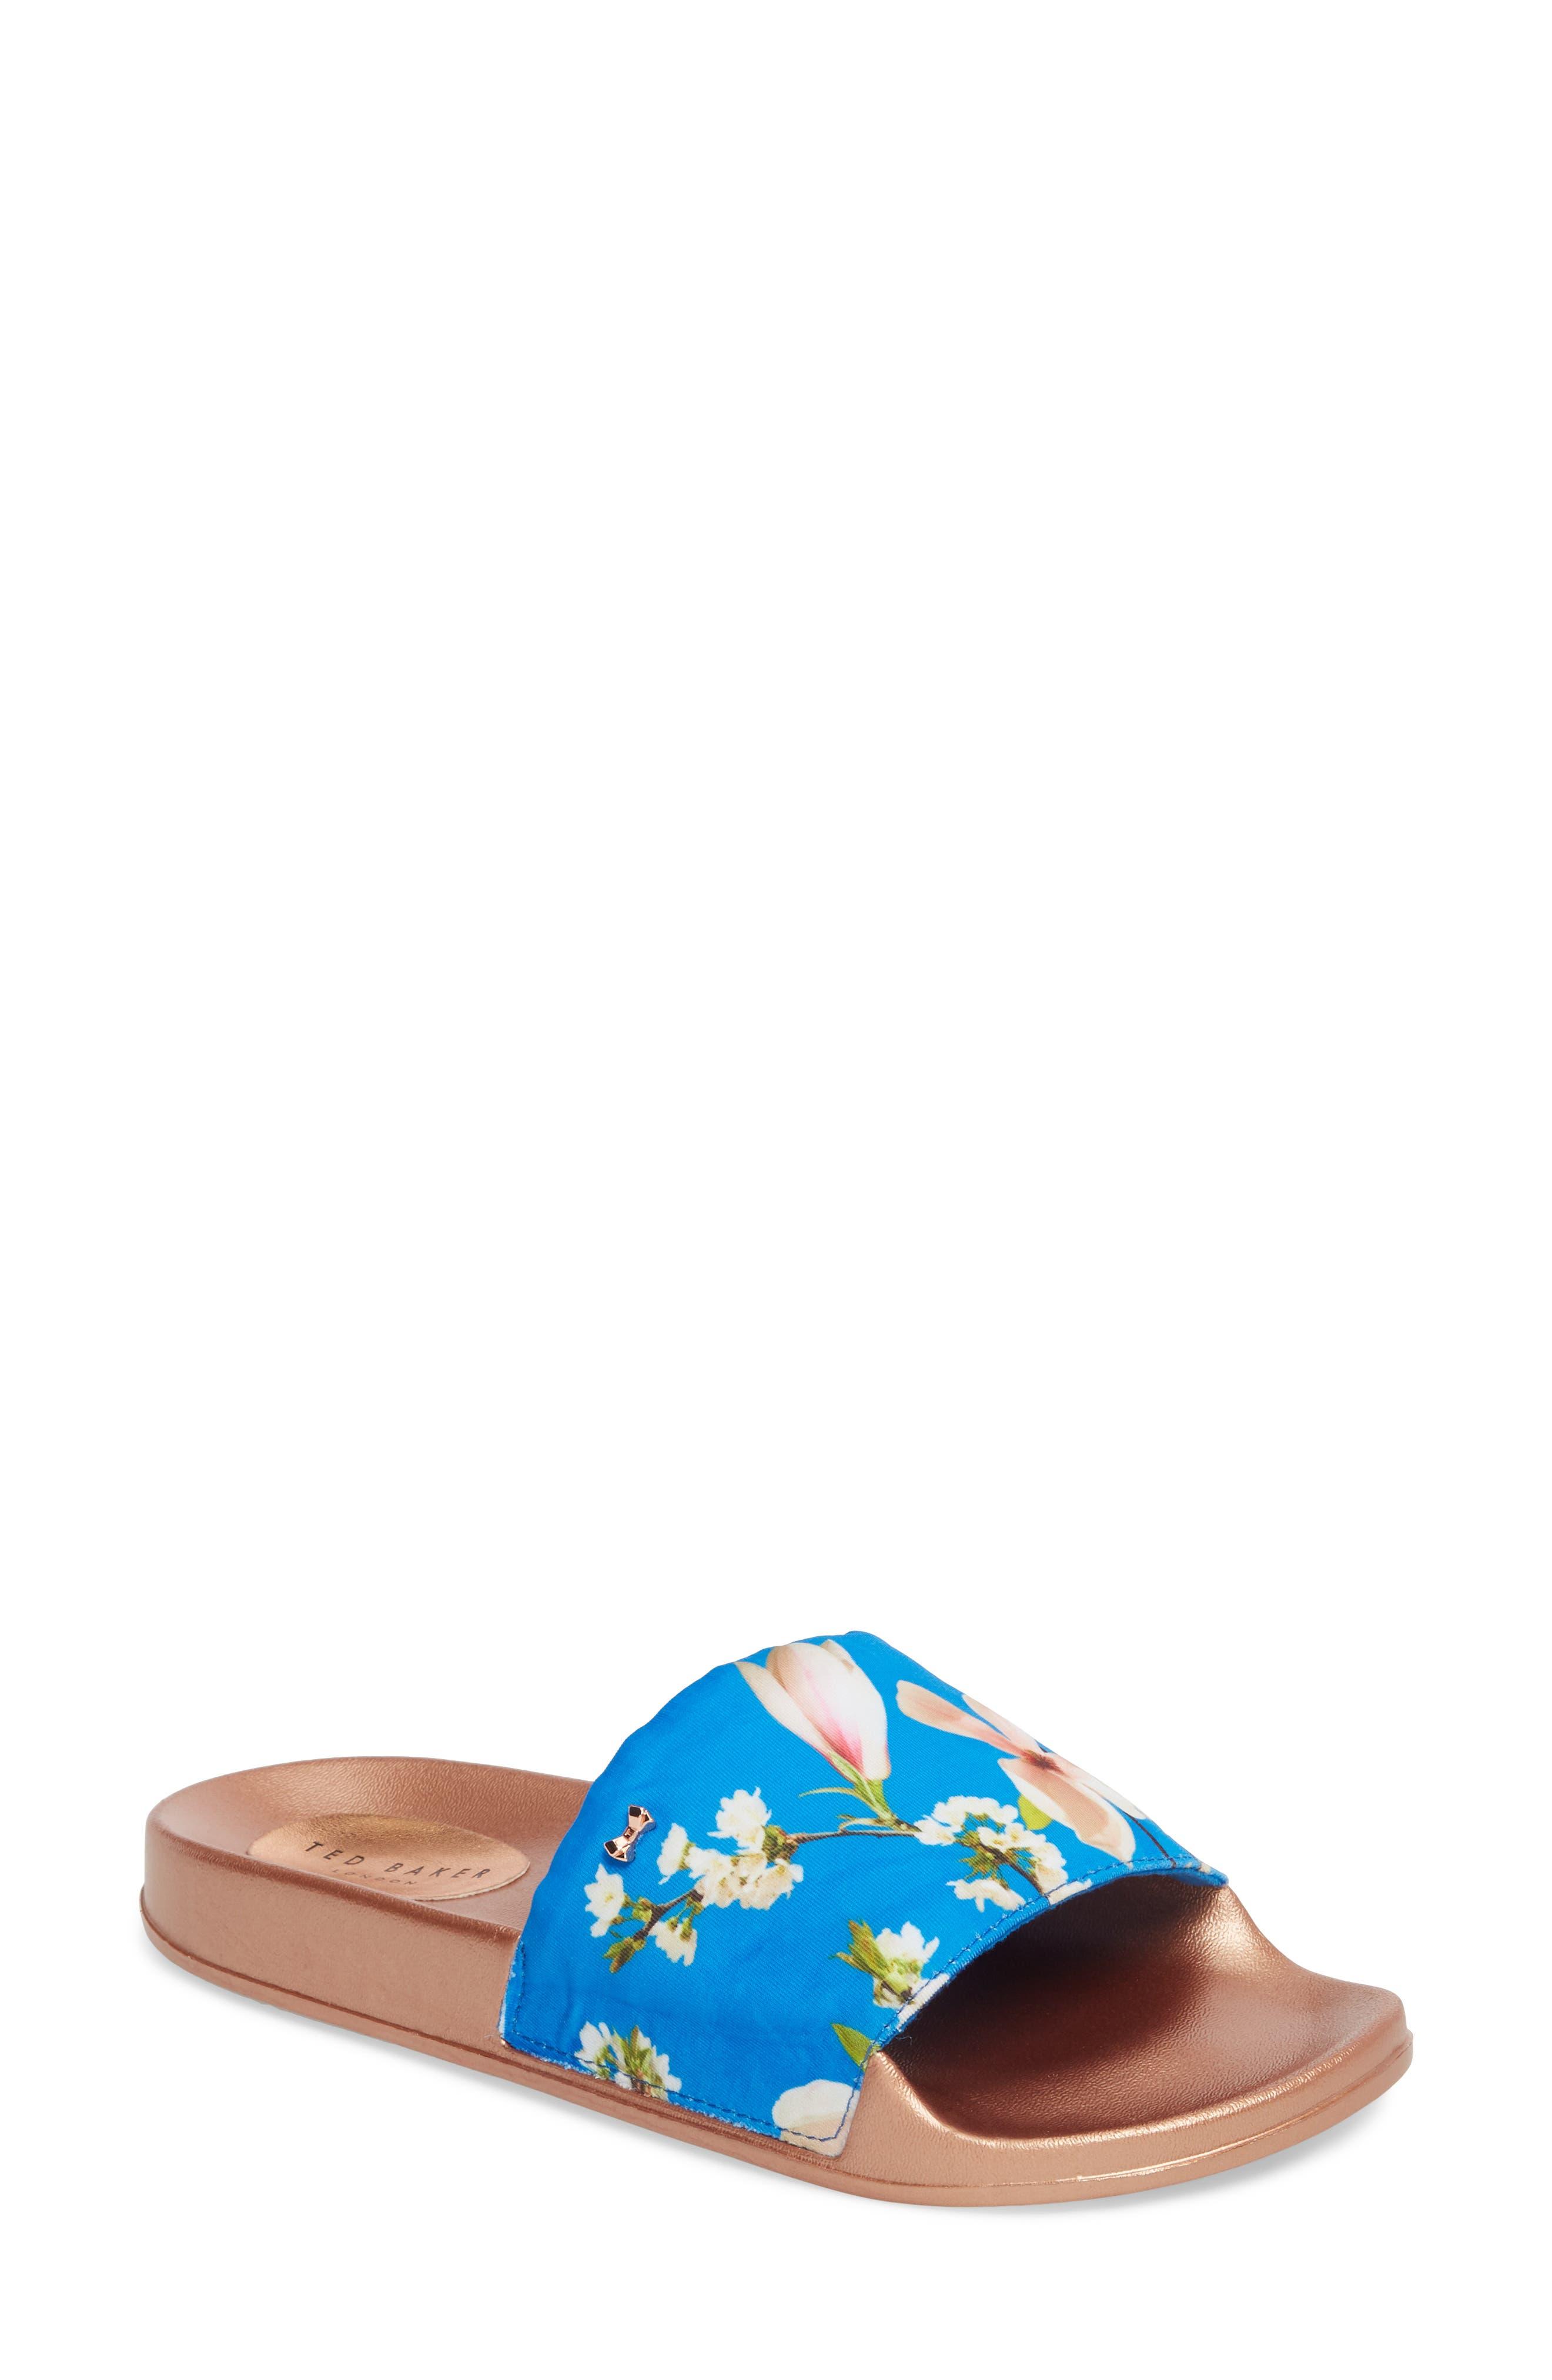 Avelinn Slide Sandal,                             Main thumbnail 1, color,                             BLUE FABRIC